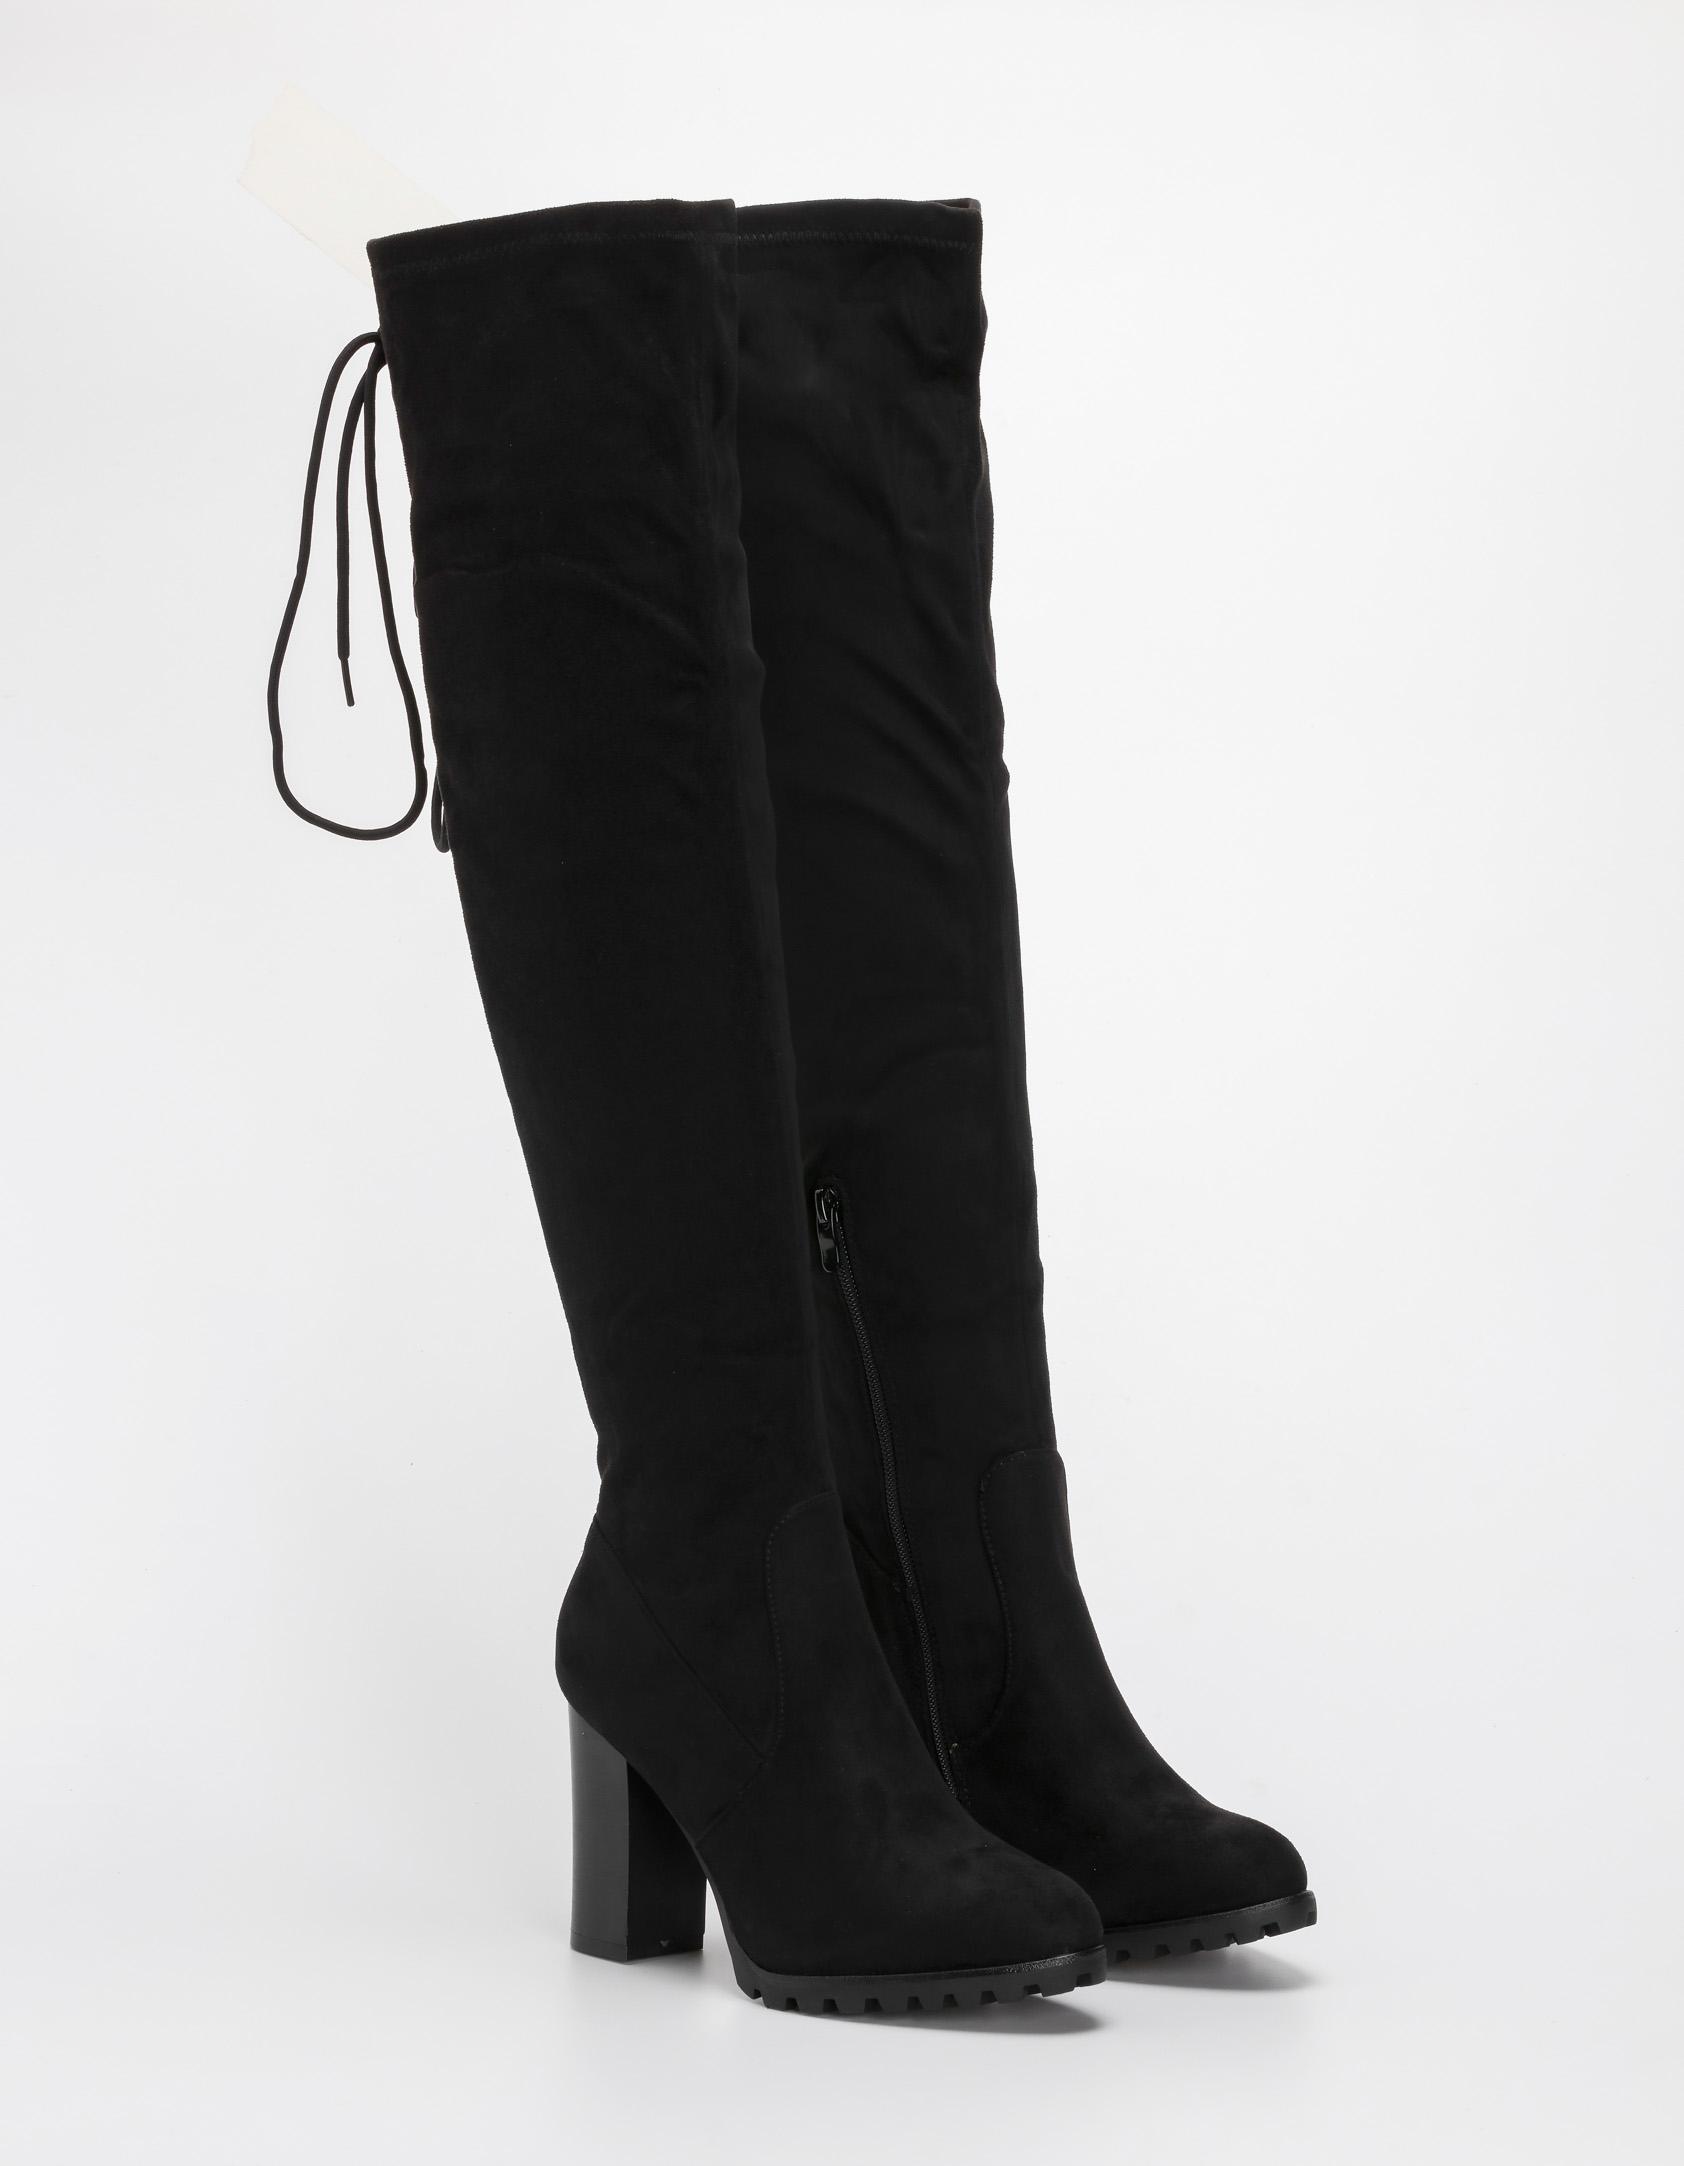 Μπότες over the knee με χοντρό τακούνι - Μαύρο